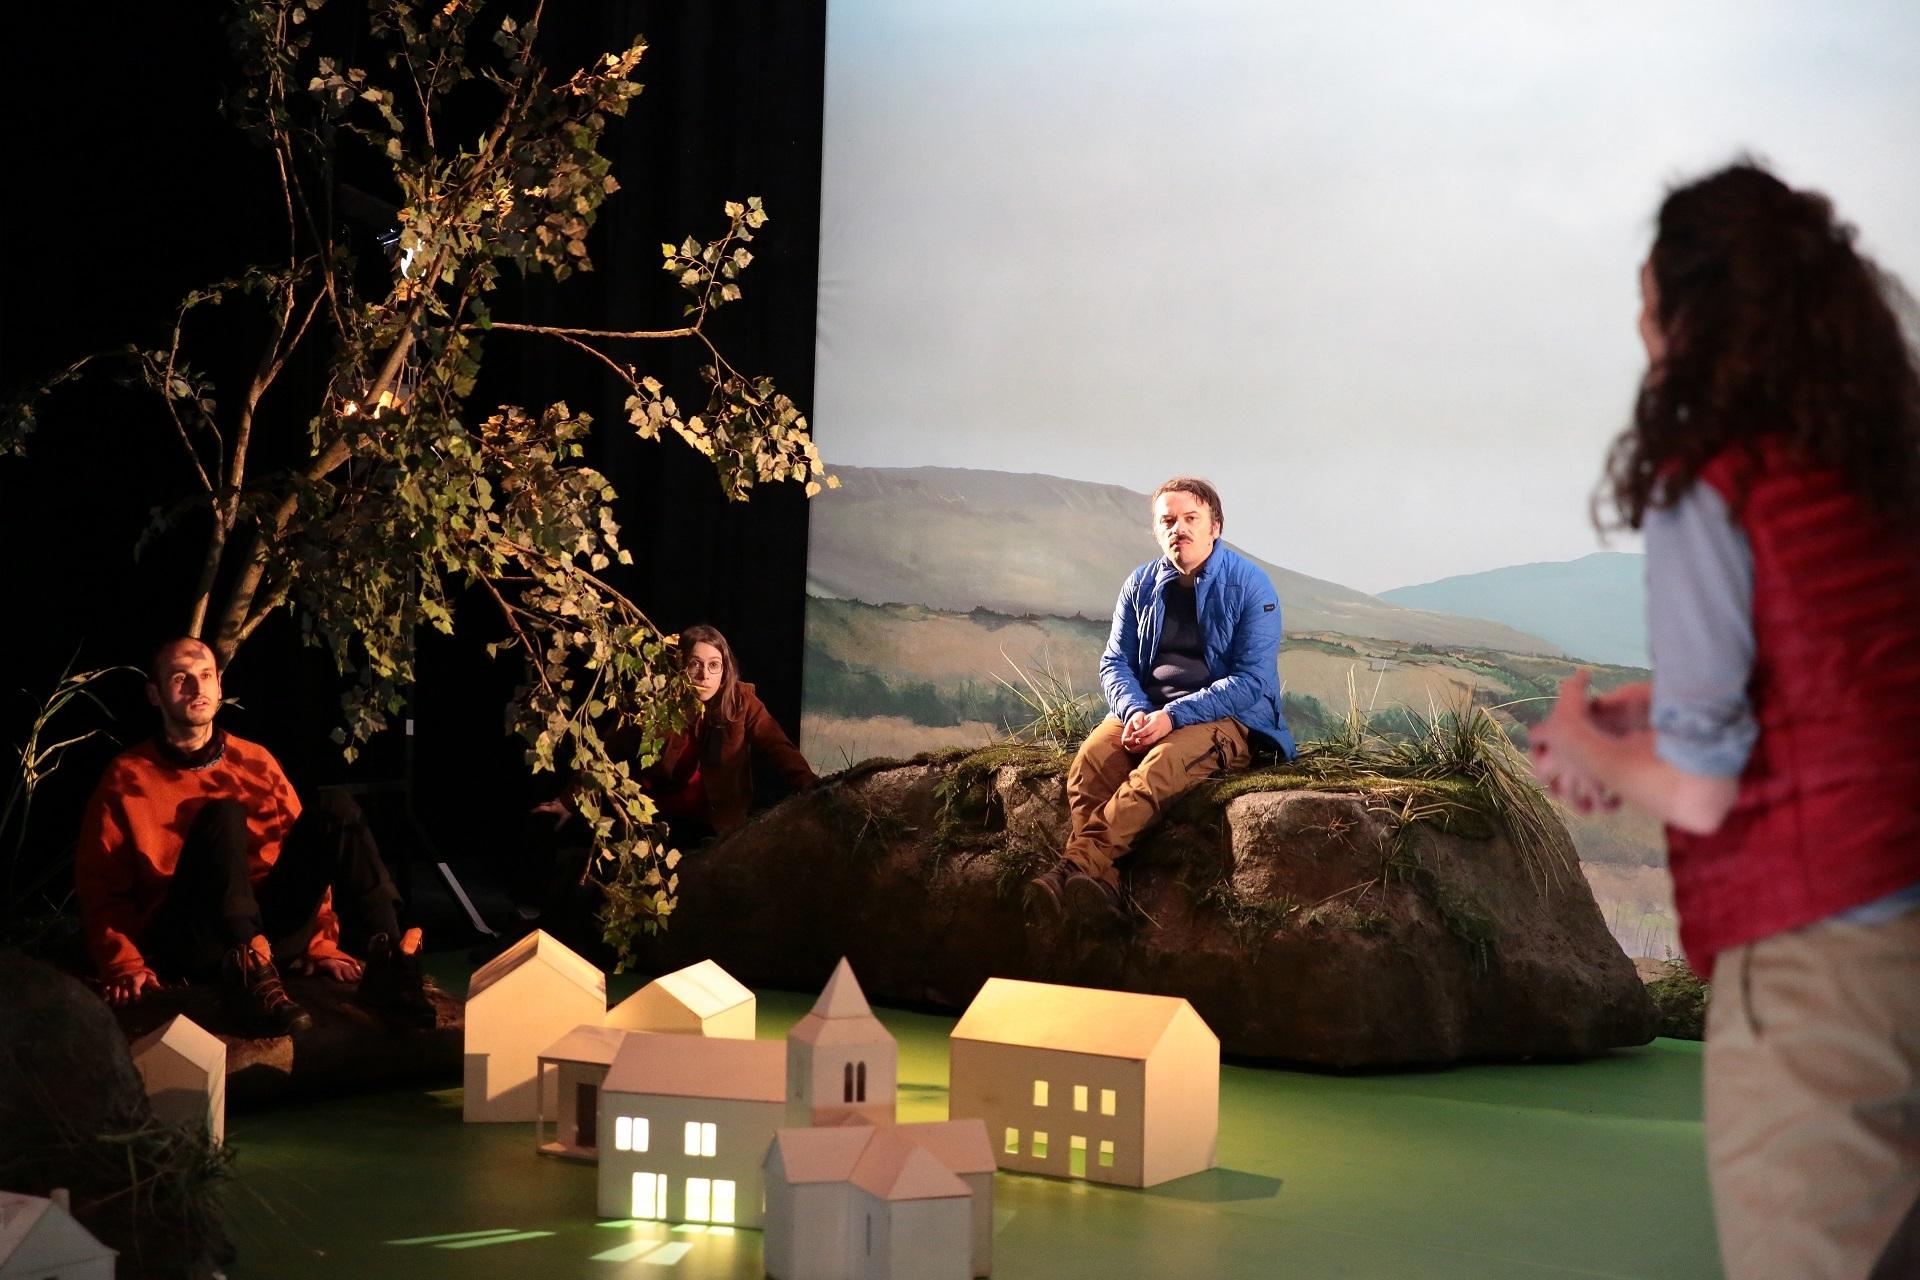 Une enquête sur un monde qui disparaît, à la fois mélancolique, poétique et plein d'humour. Ce spectacle est proposé par le théâtre d'Arles.